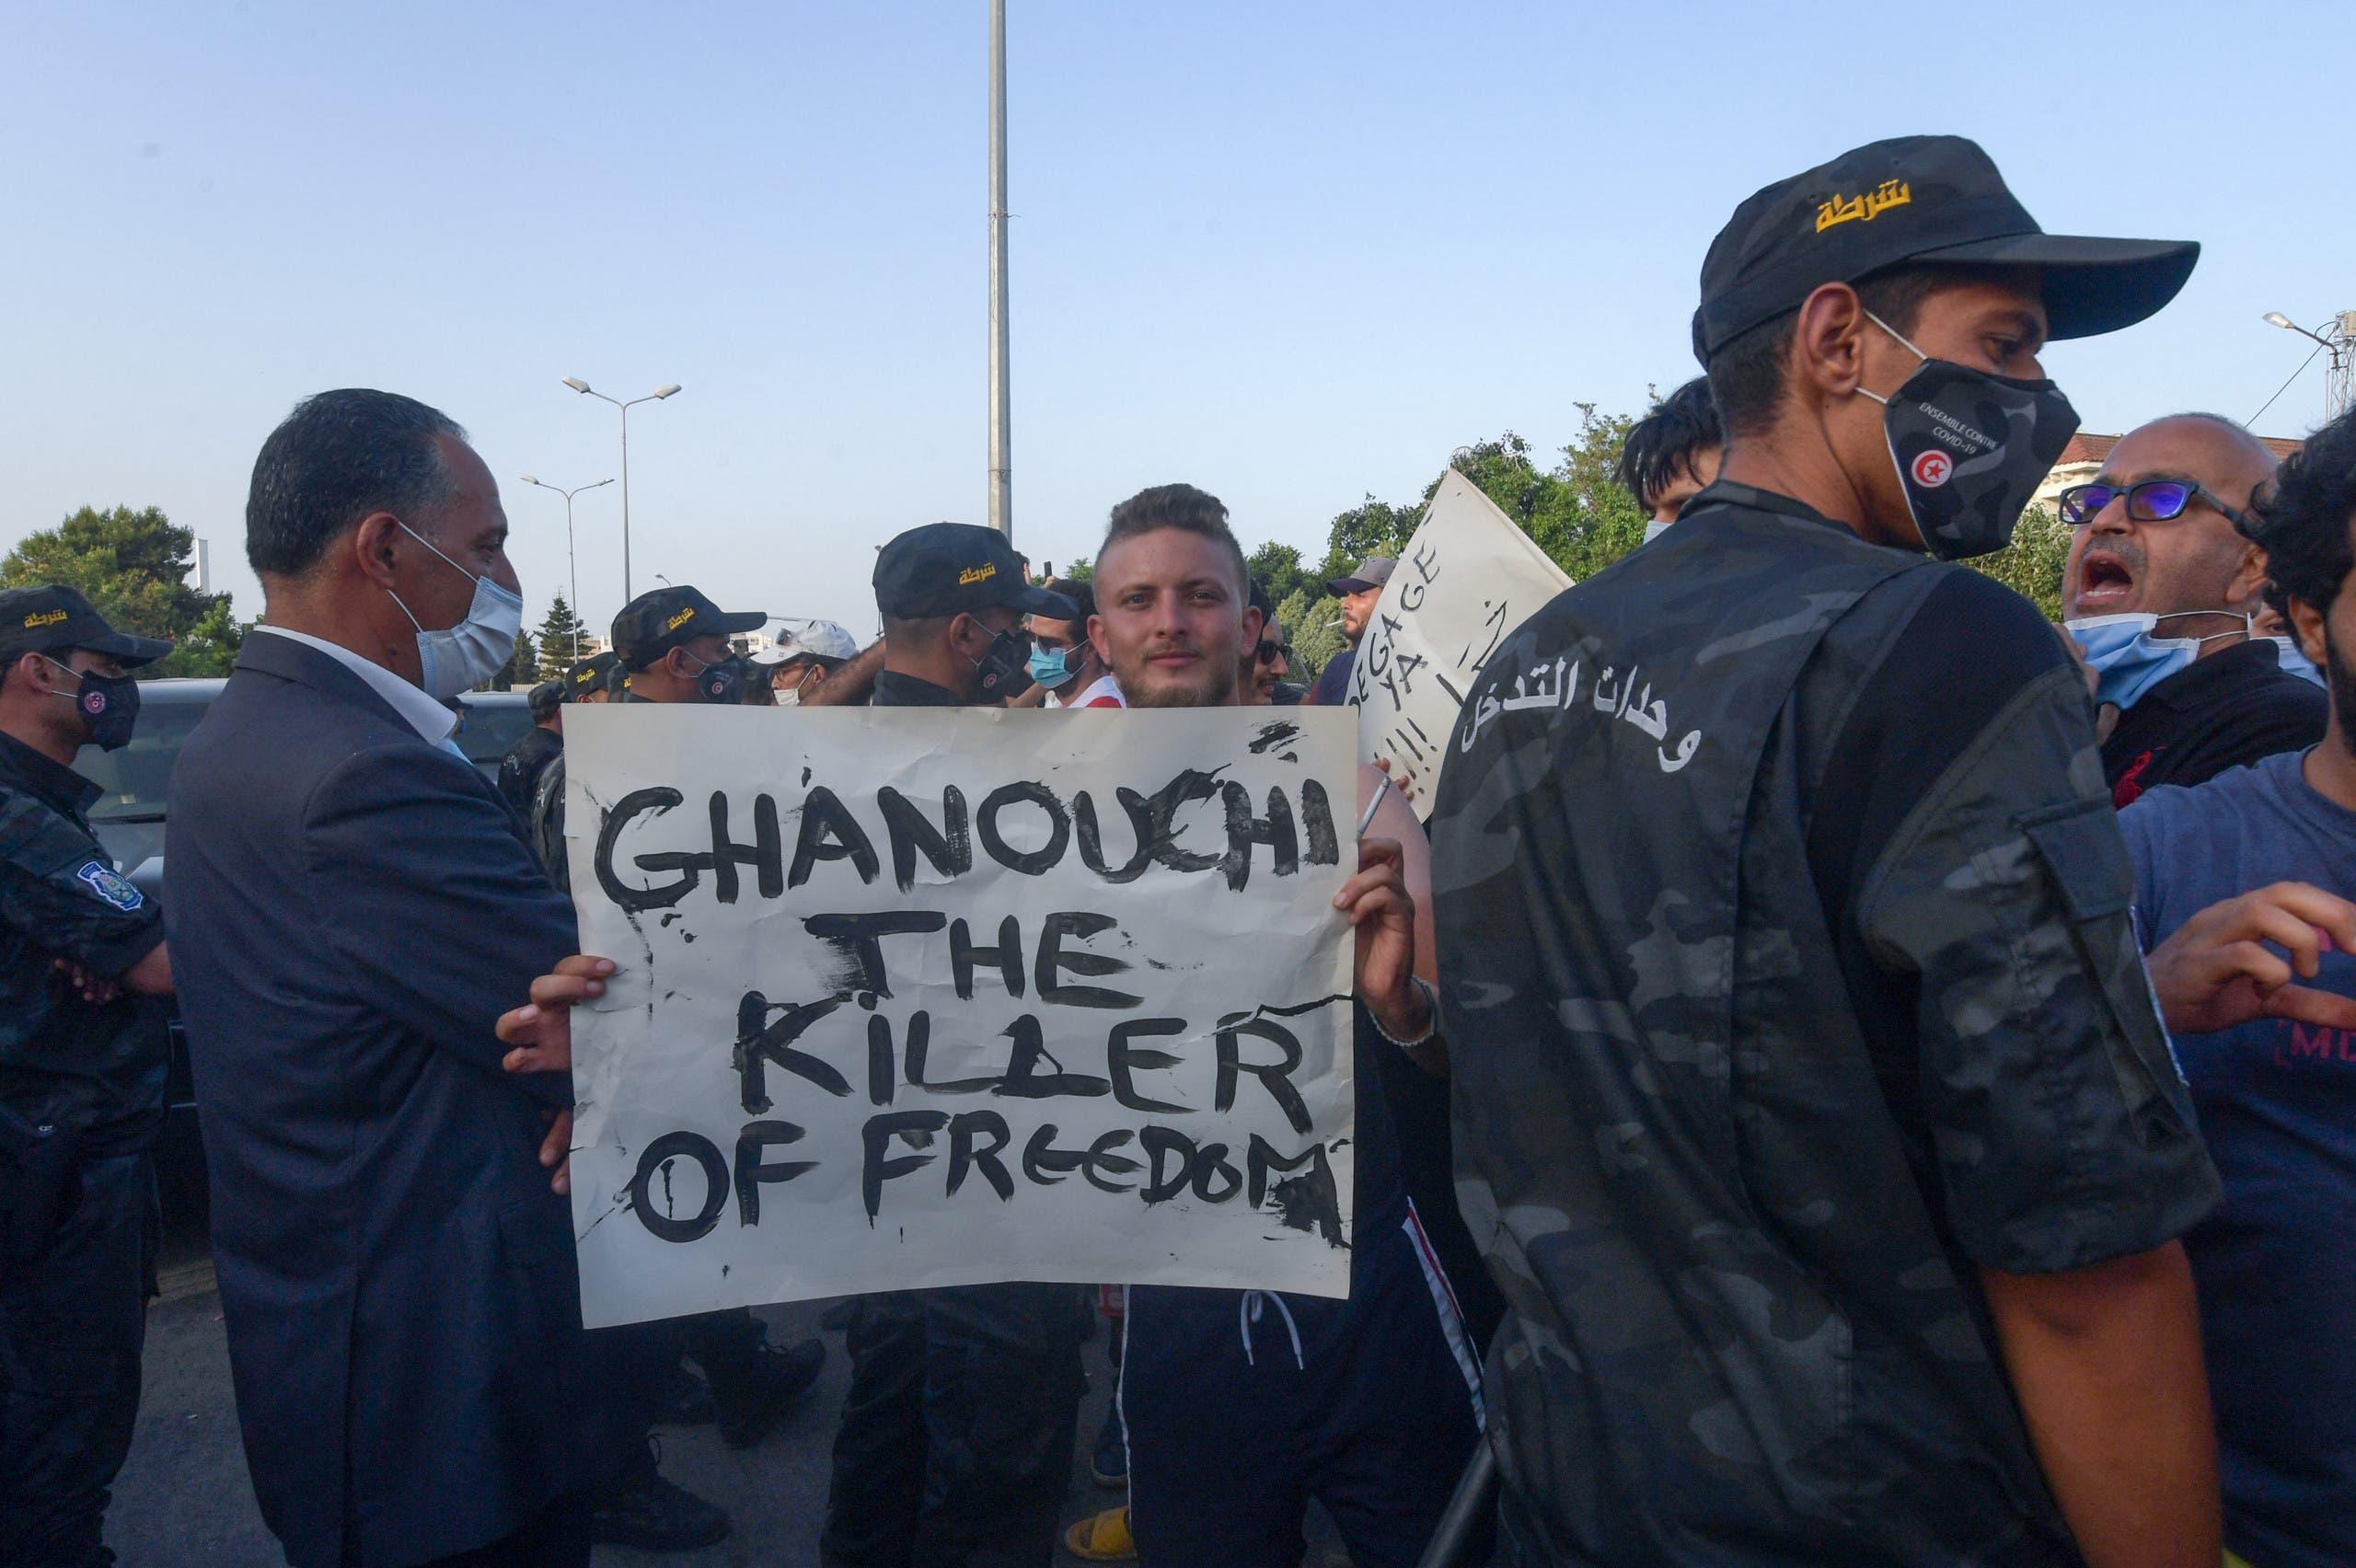 شمس الدين النقاز يحمل سلطة الانقلاب في تونس المسؤولية عن حياته